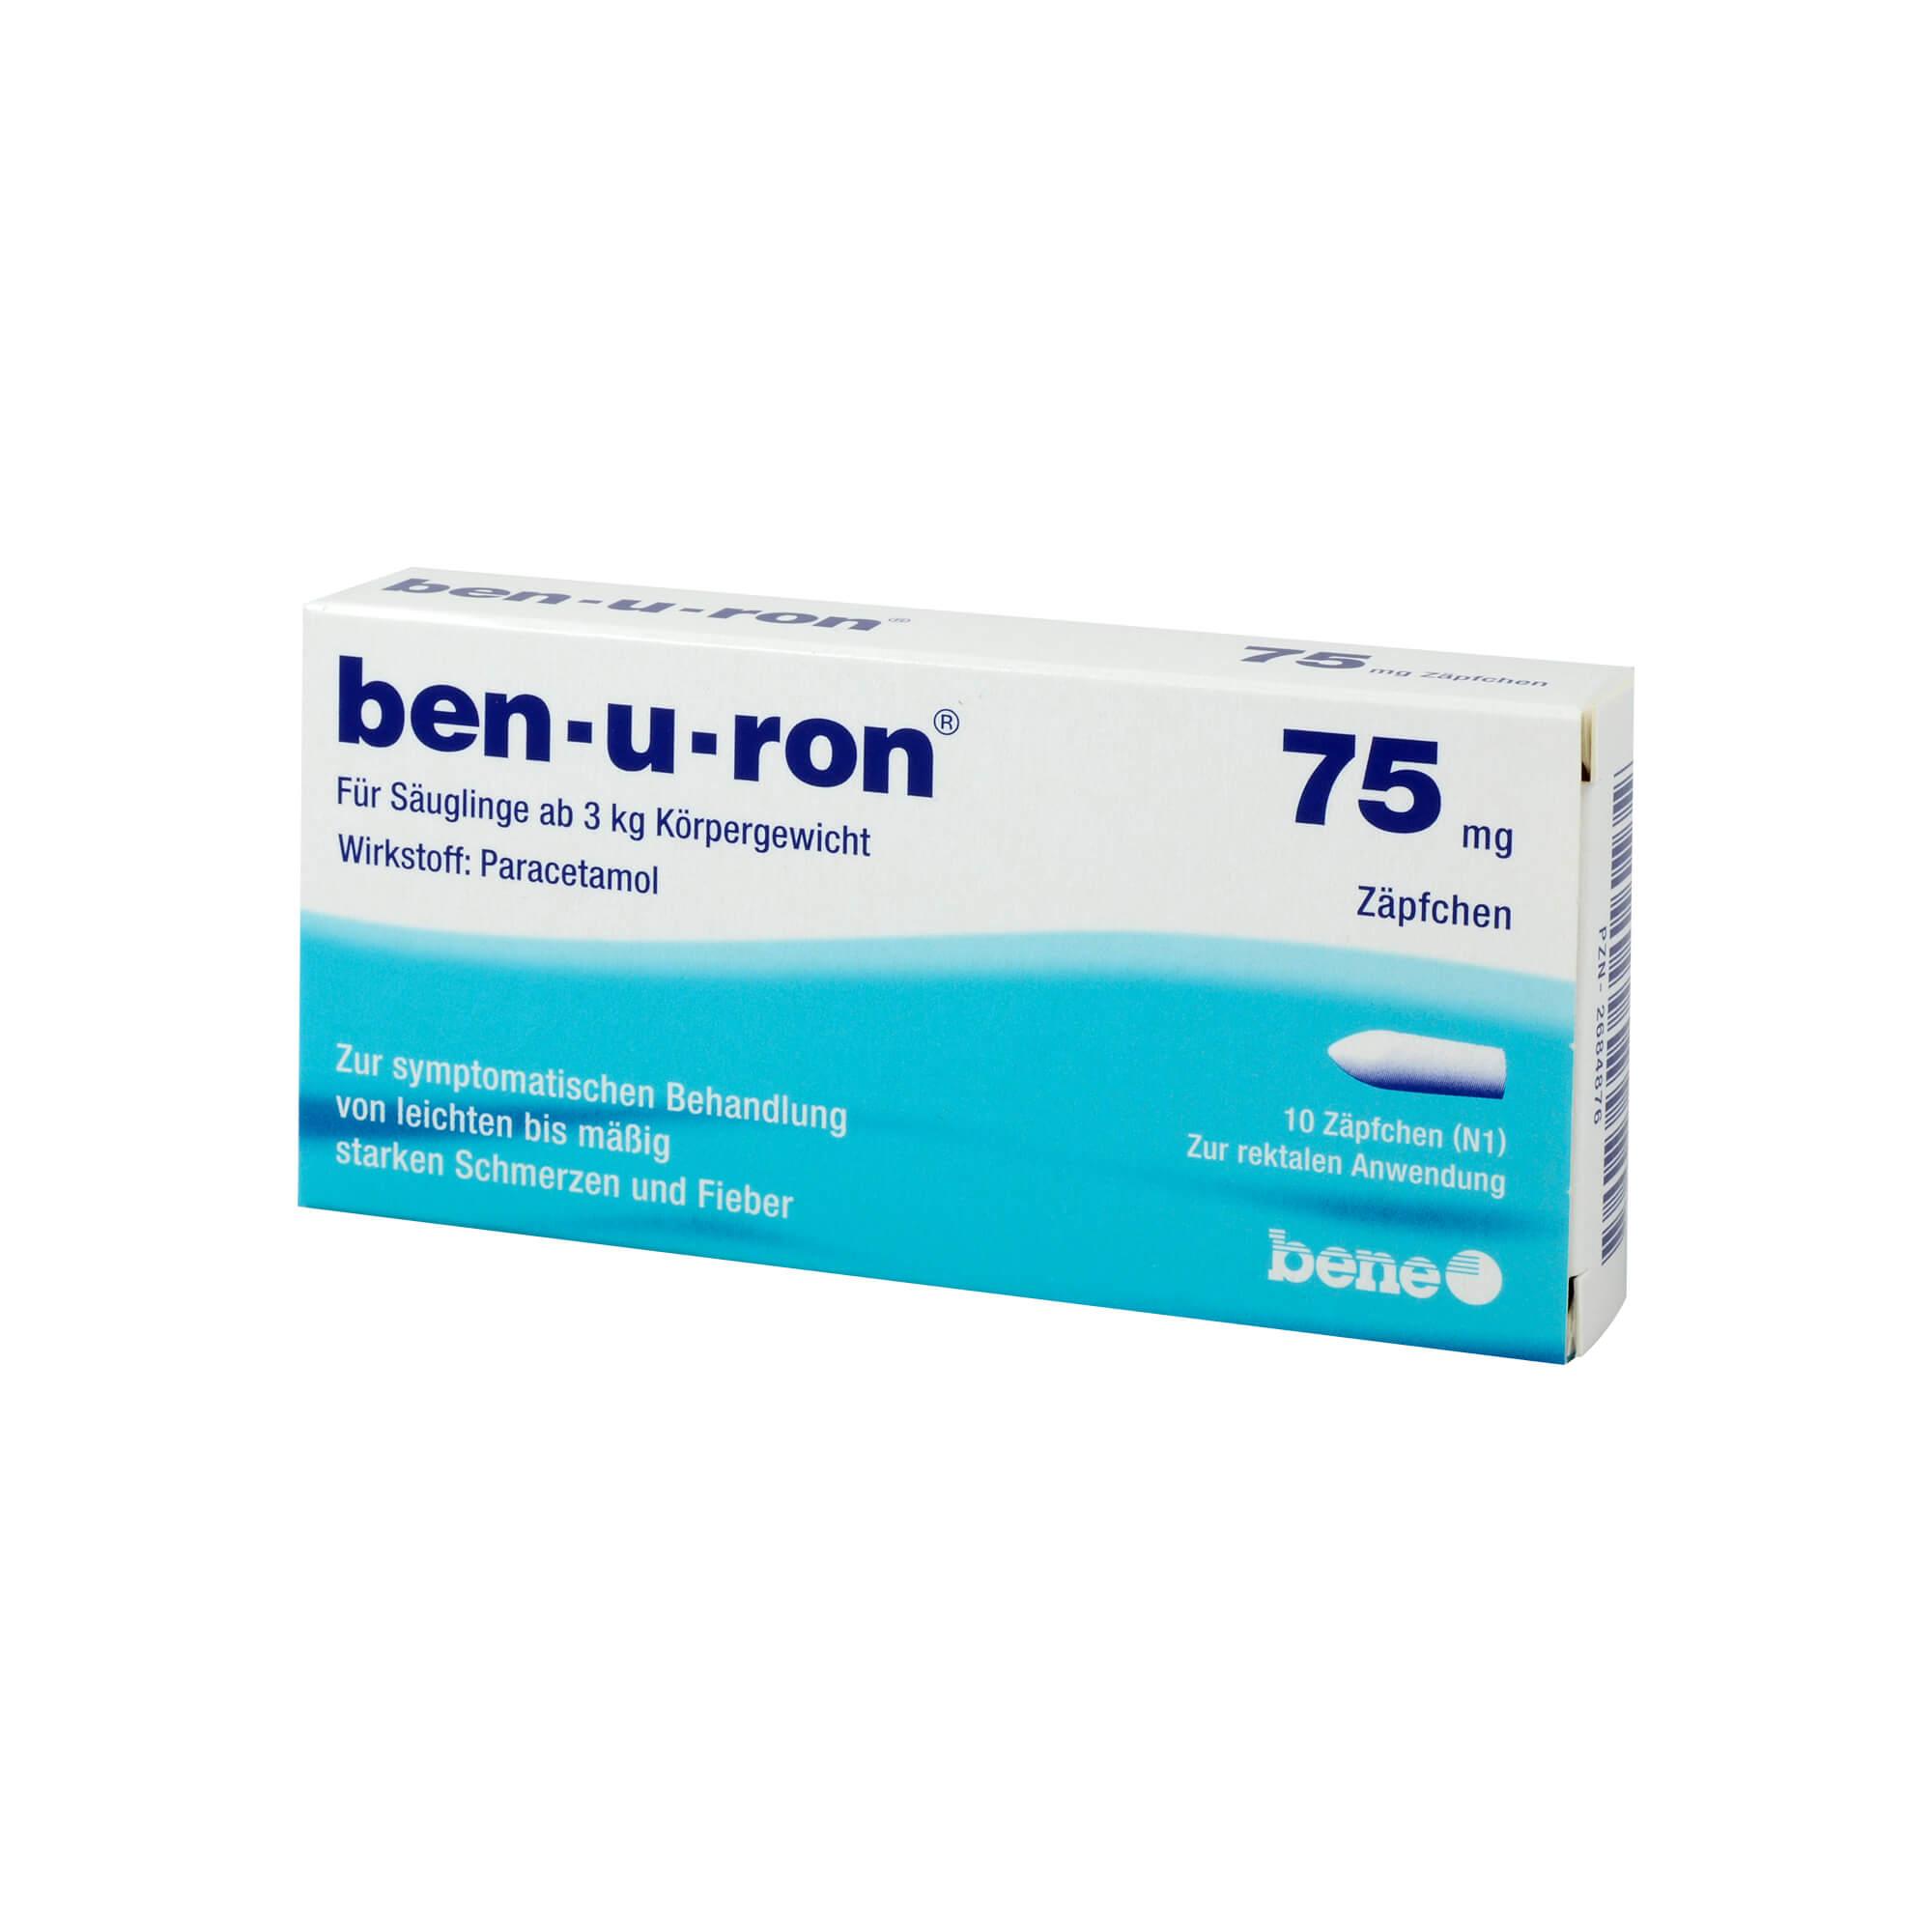 ben-u-ron 75 mg Zäpfchen für Säuglinge ab 3kg